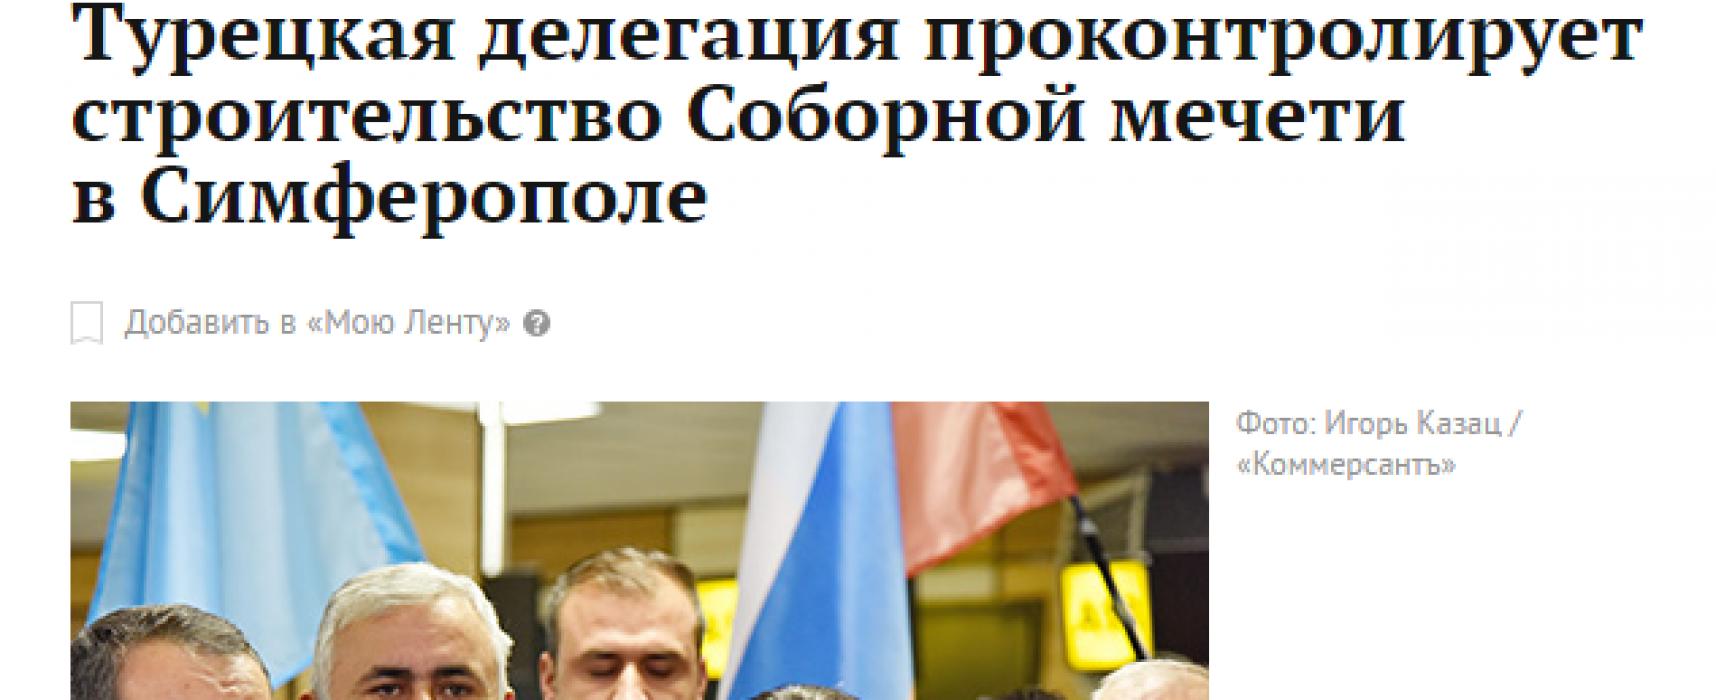 Turchia riconosce la Crimea come parte della Russia (Fake)